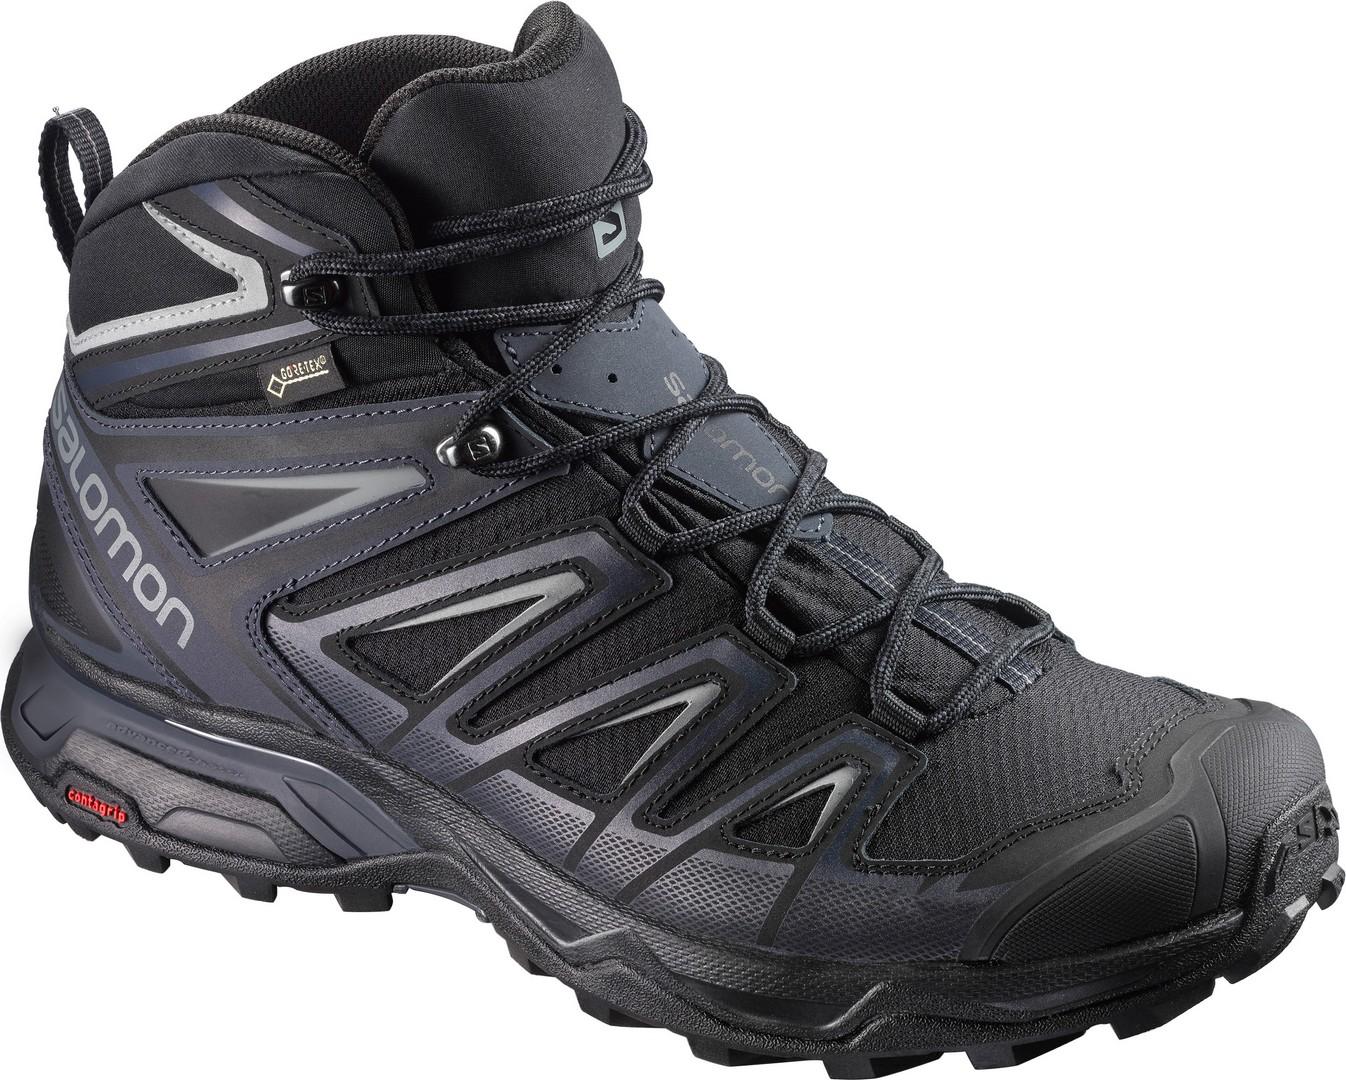 Salomon X ULTRA 3 MID GTX®, moški pohodni čevlji, modra